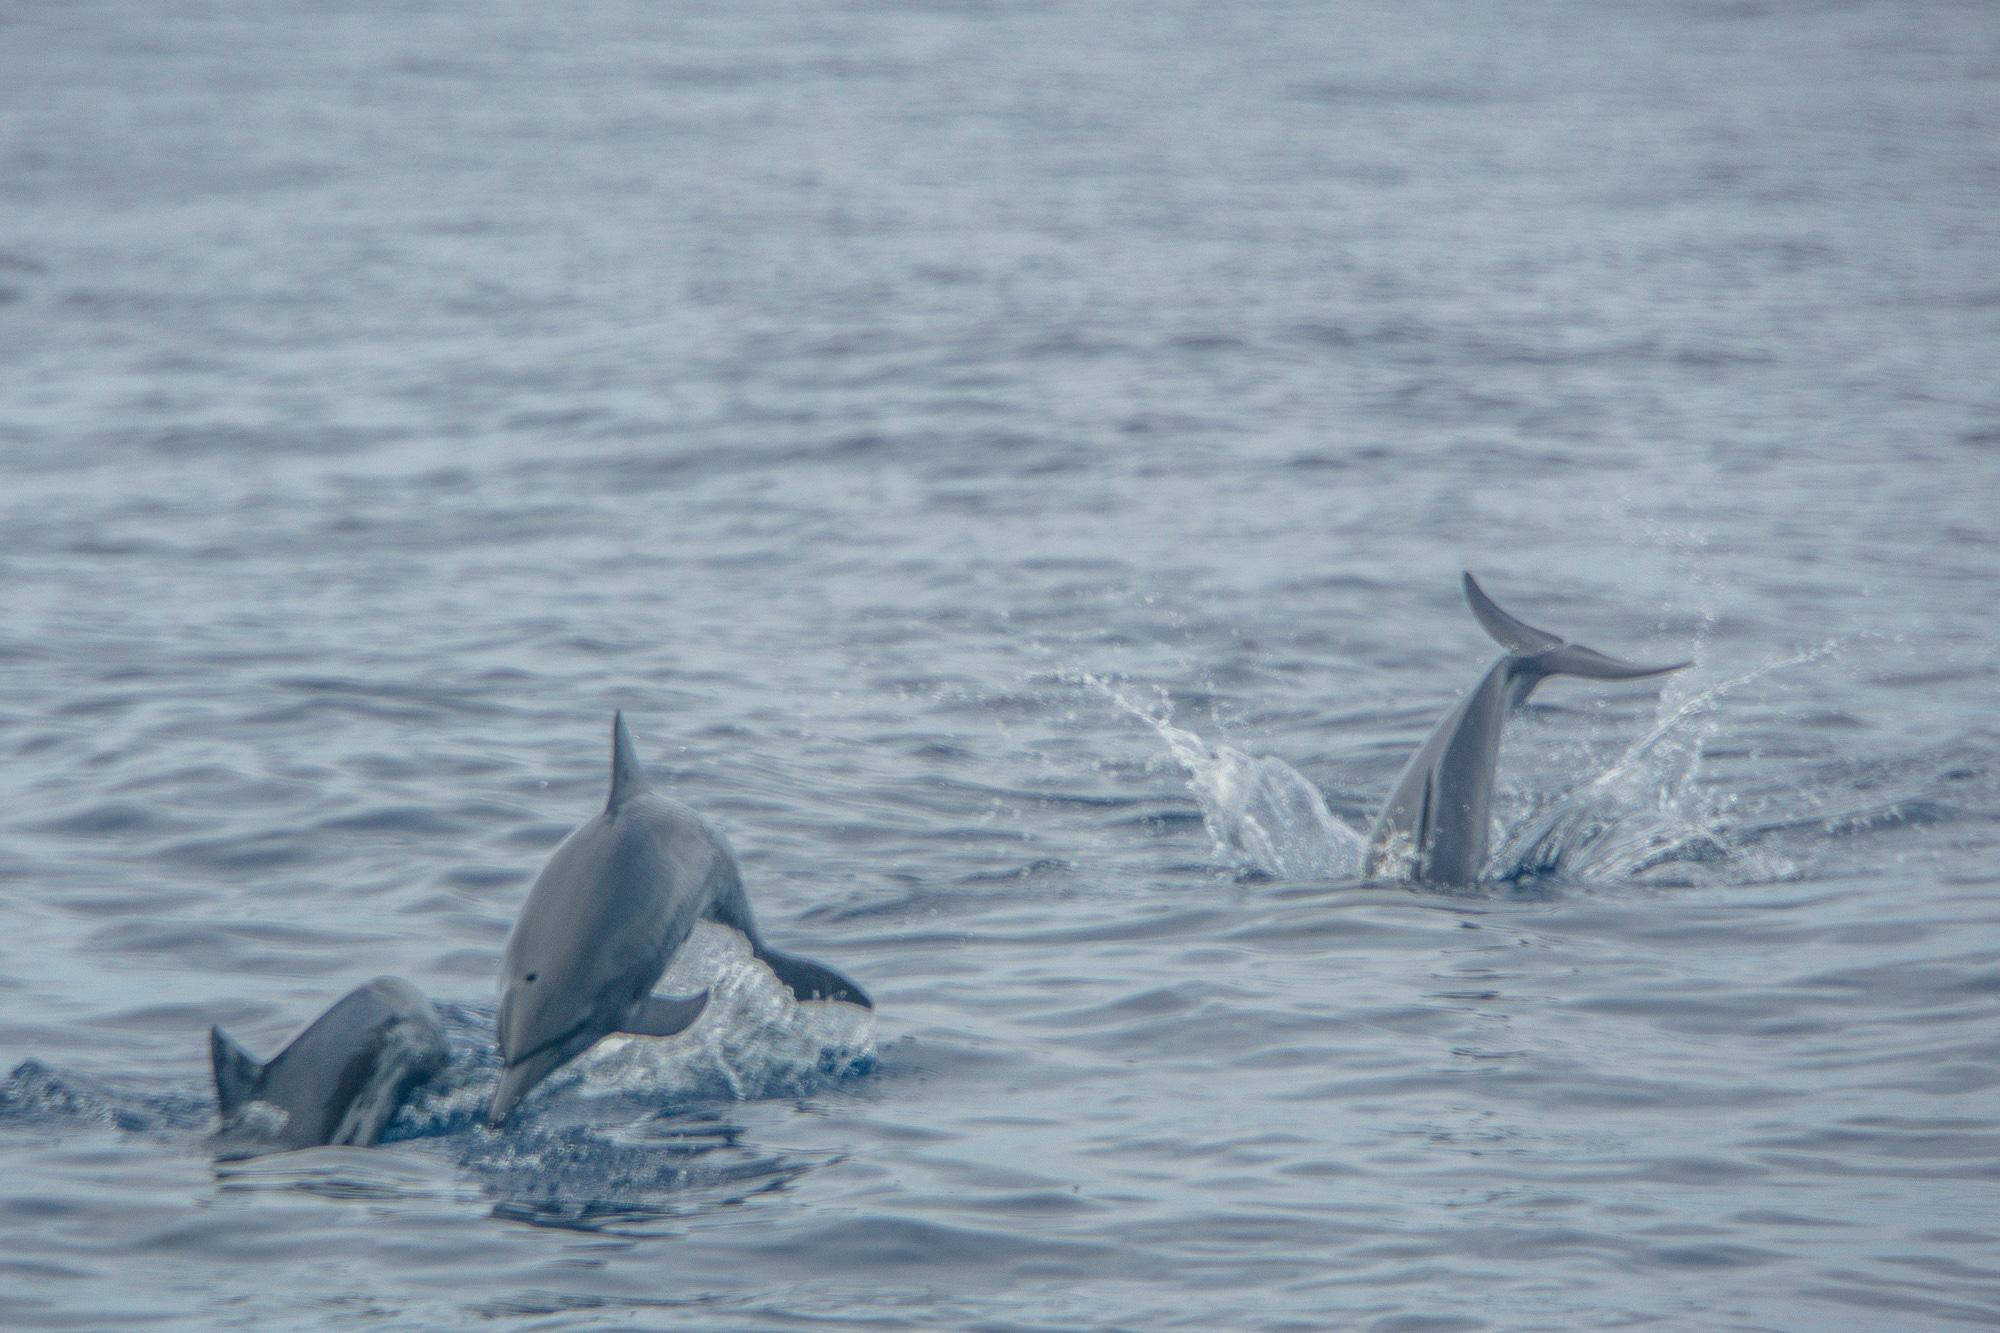 Puerto Escondido: Highlights, Erlebnisse und Ausflugsziele in Mexiko - Bootstour Delfine beobachten und schnorcheln